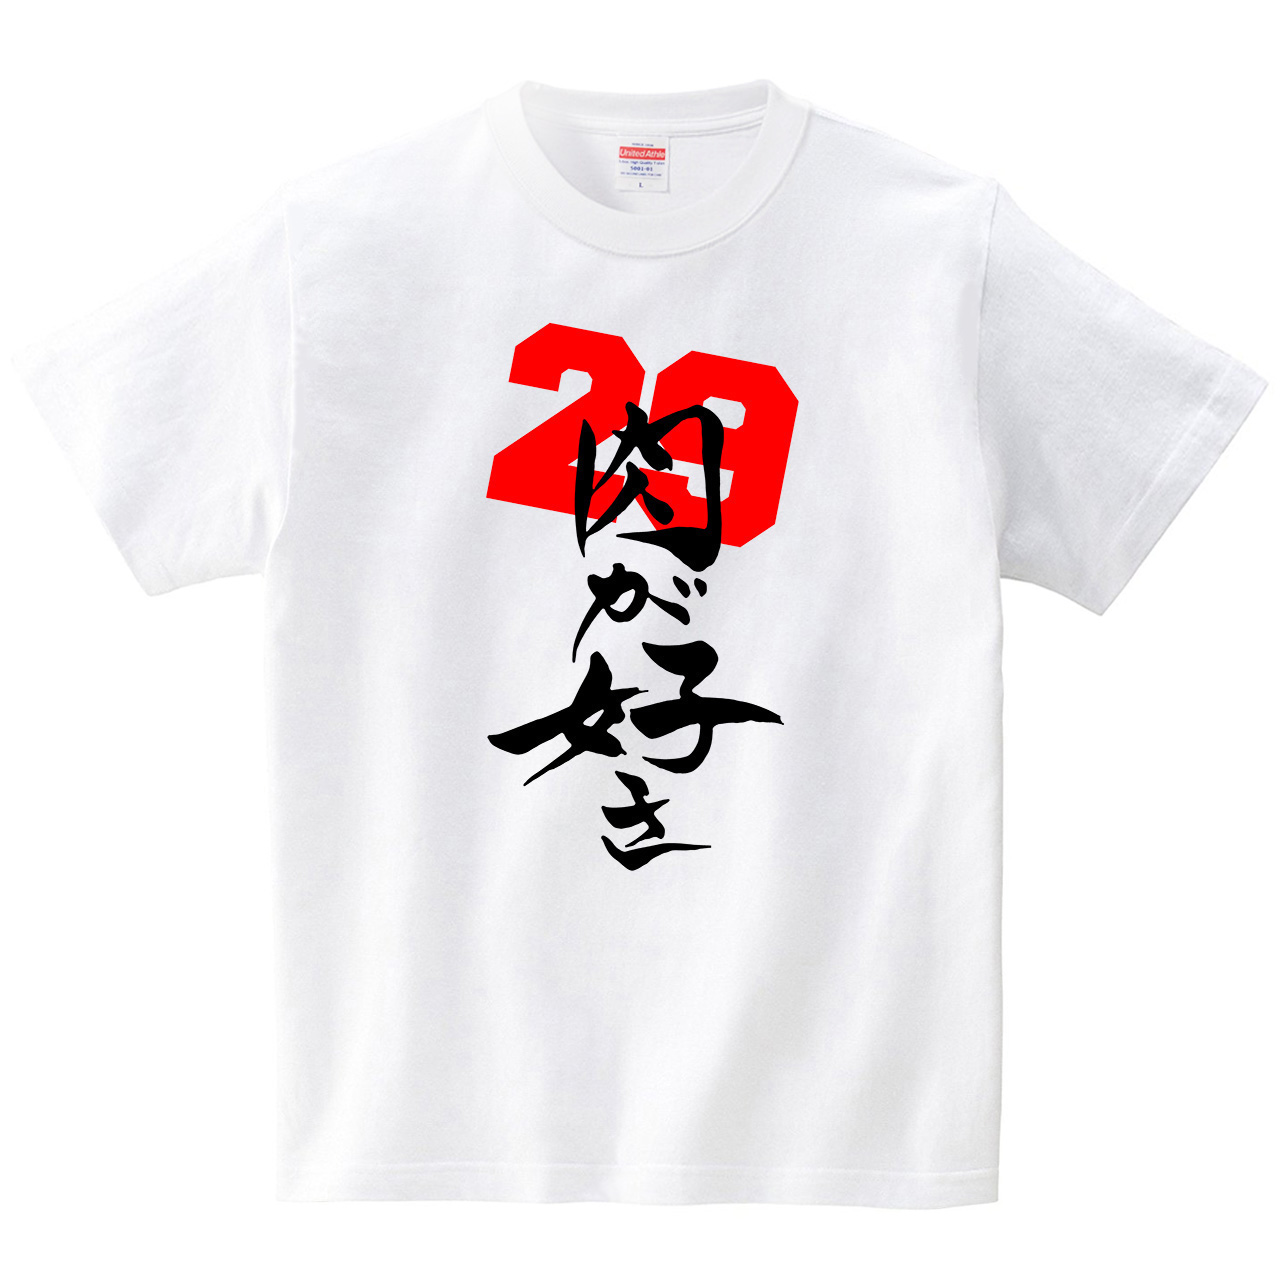 肉好きTシャツ「肉が好き」(Tシャツ・ホワイト)(筆文字屋 みやT)